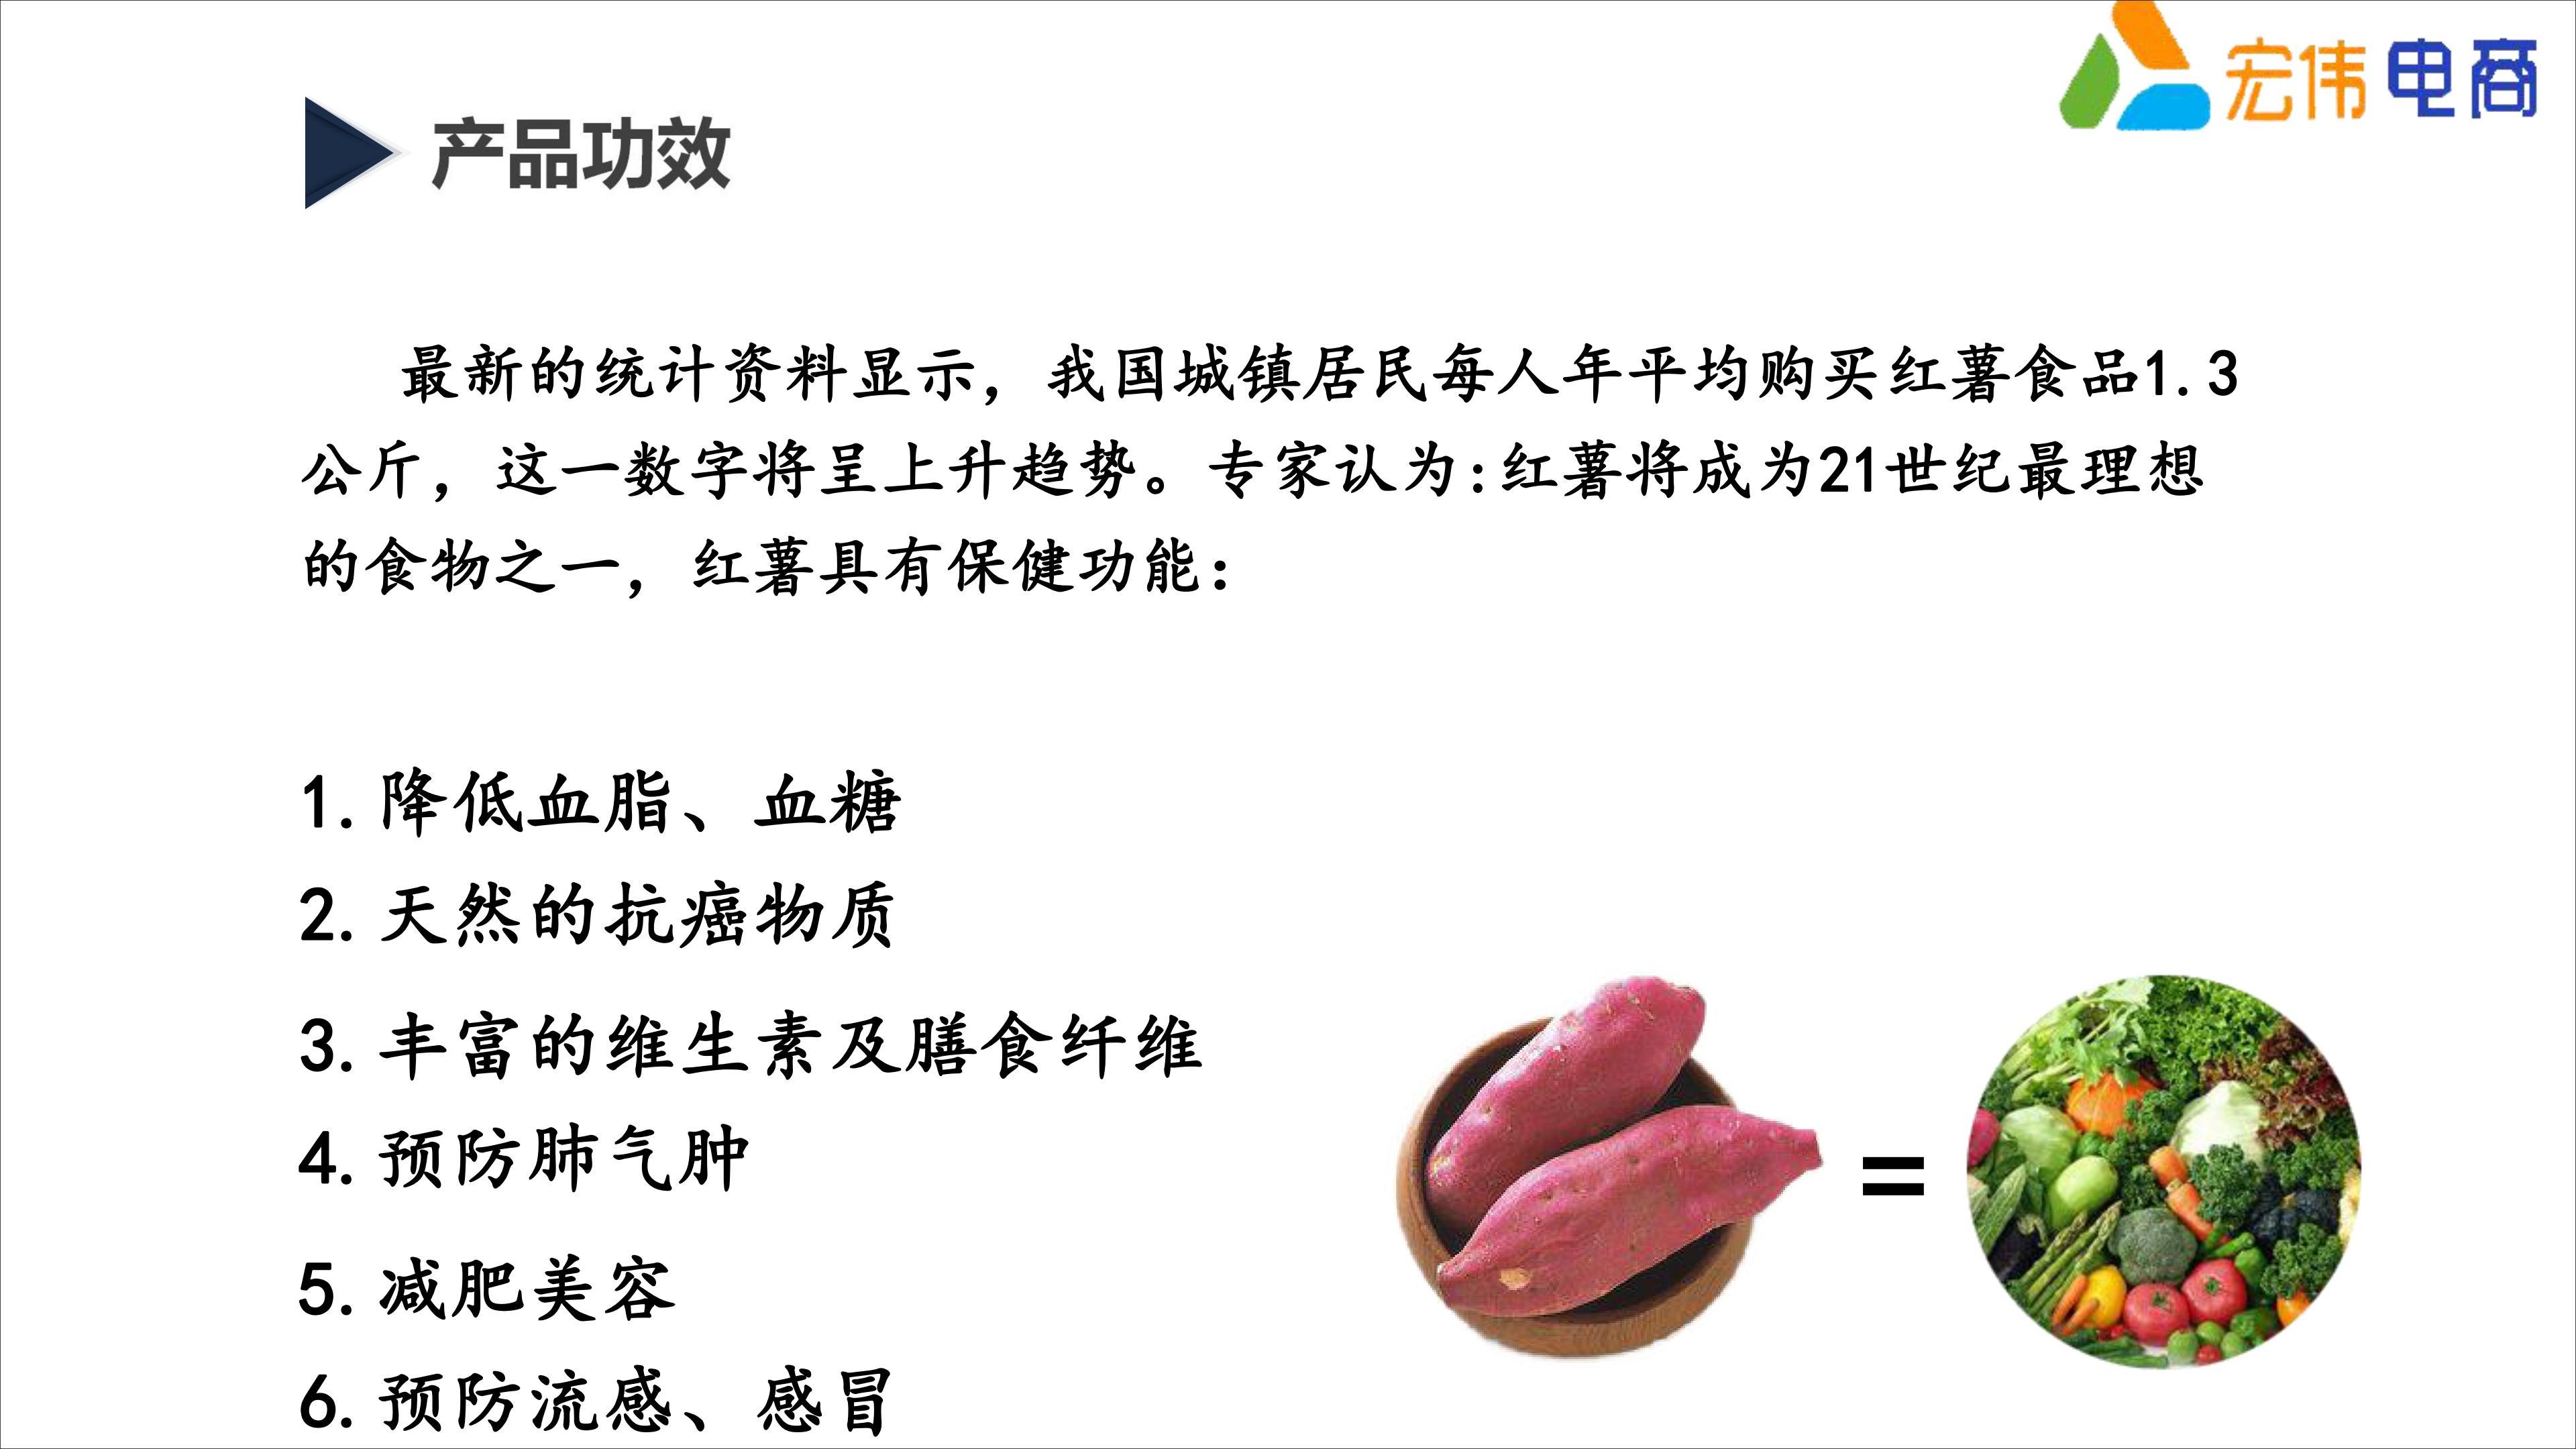 红薯助力万人脱贫创业计划定稿(1)_09.jpg